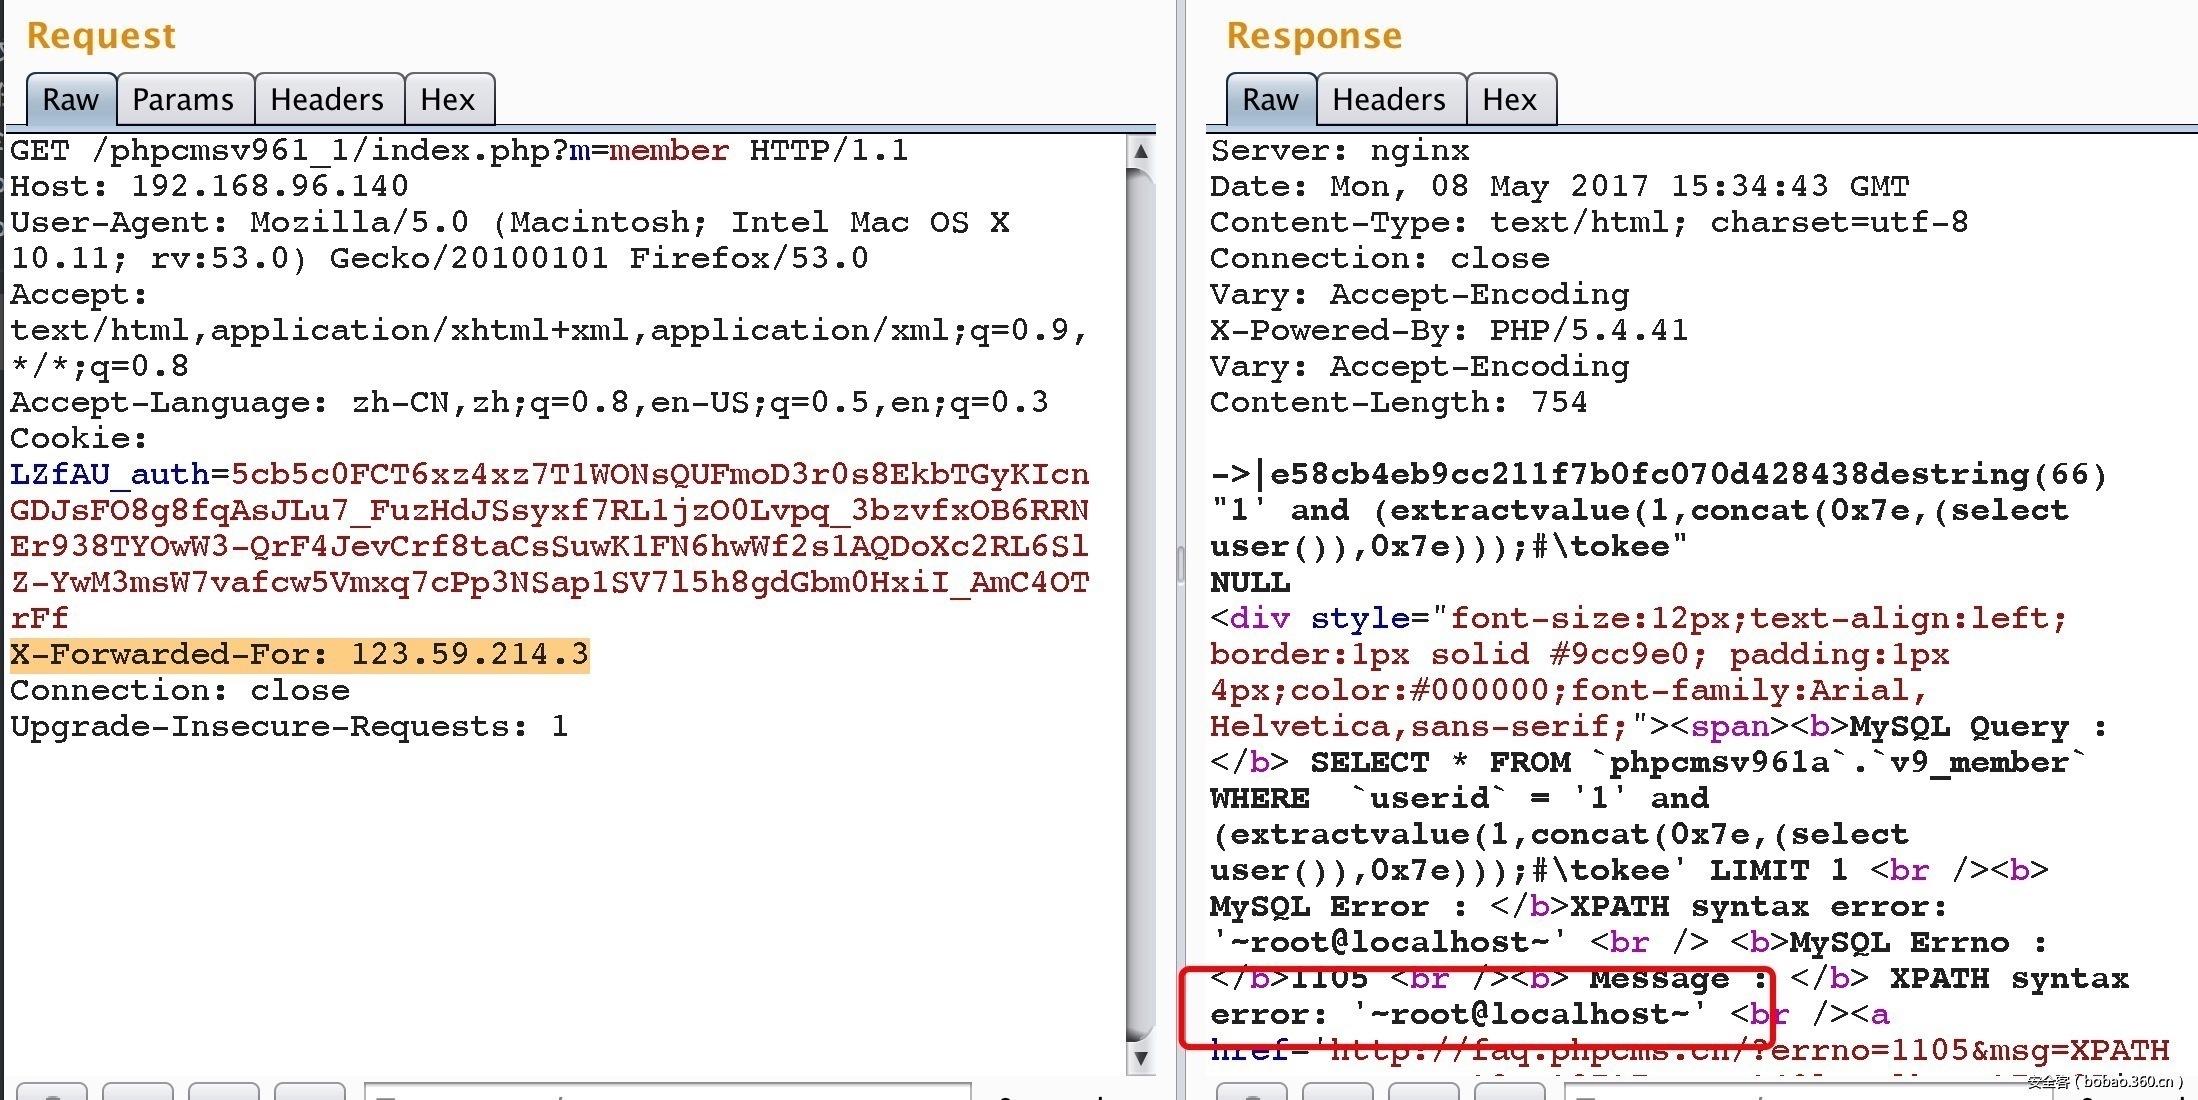 PHPCMS V9.6.2 SQL注入漏洞分析